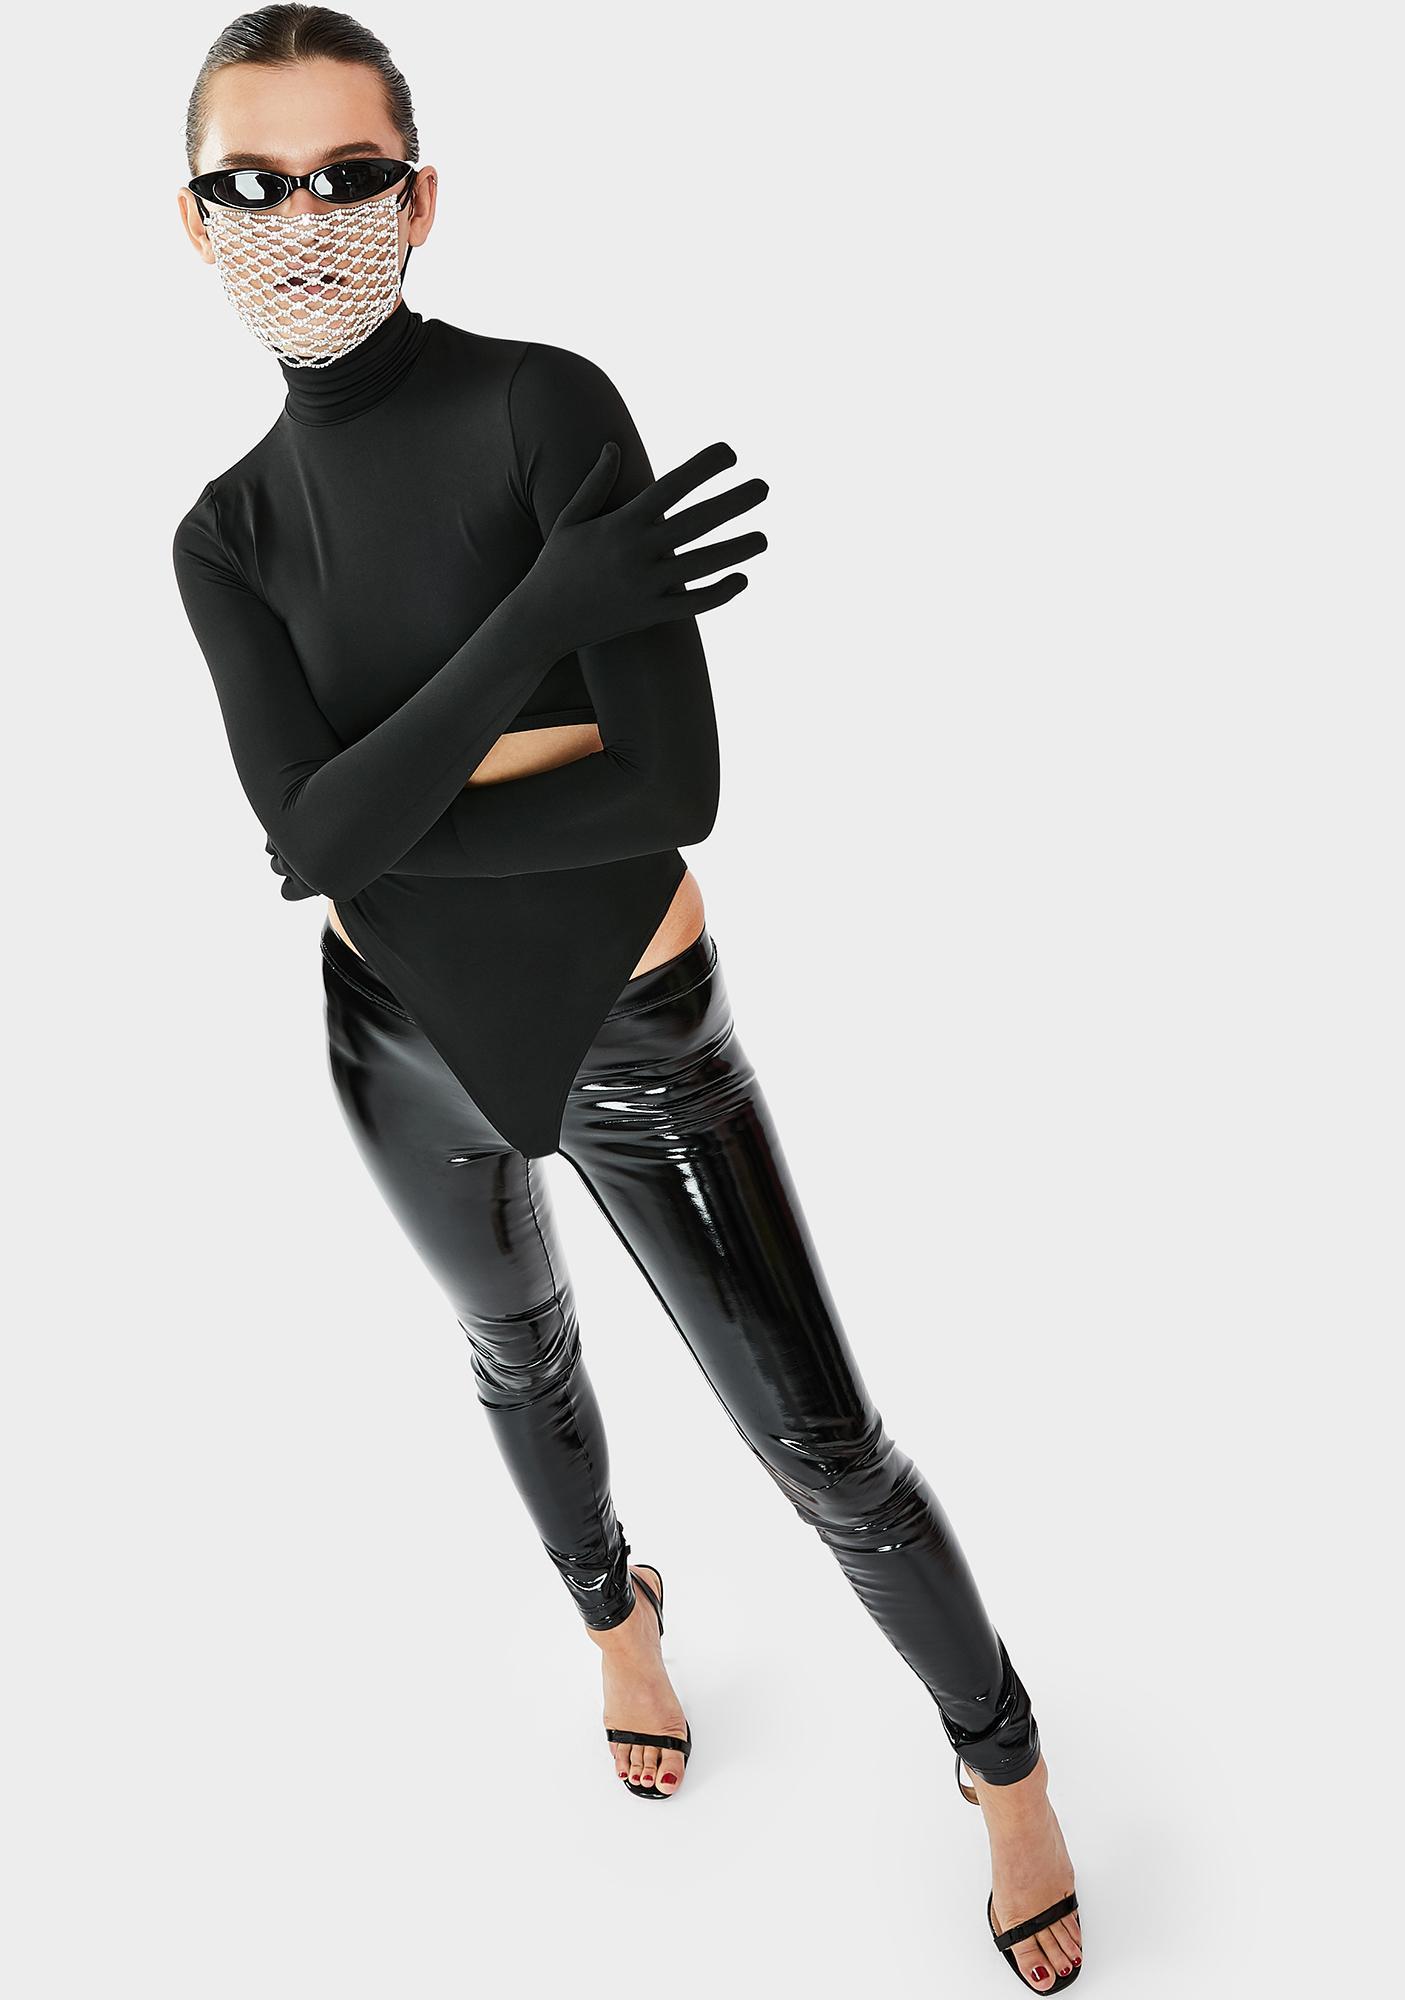 THE KRIPT Uniform Gloves Bodysuit